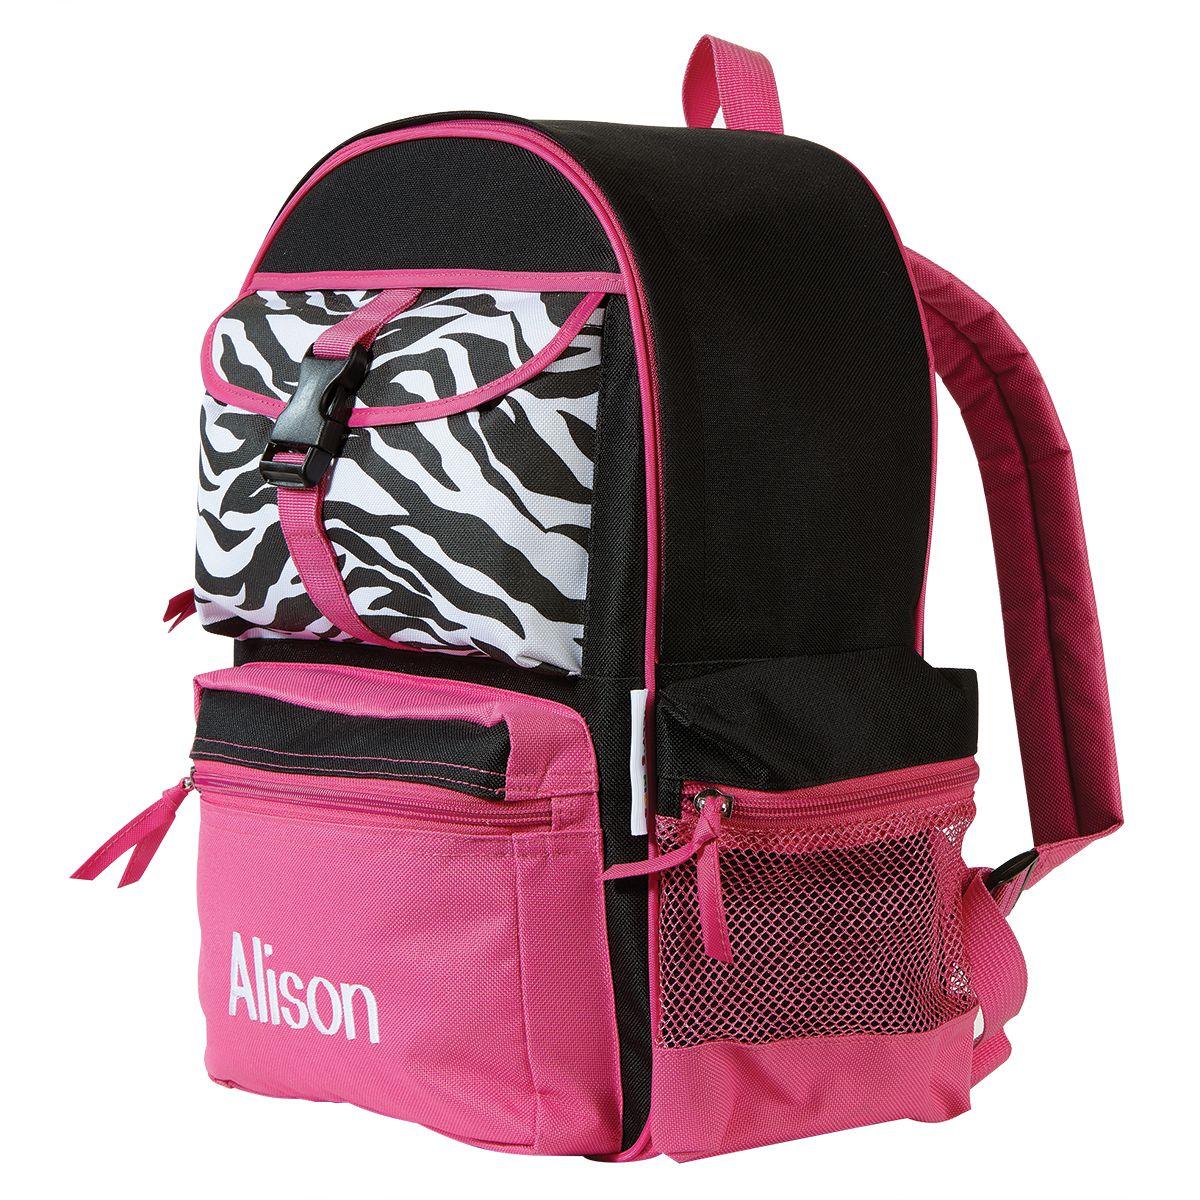 Zebra Print Personalized Backpack